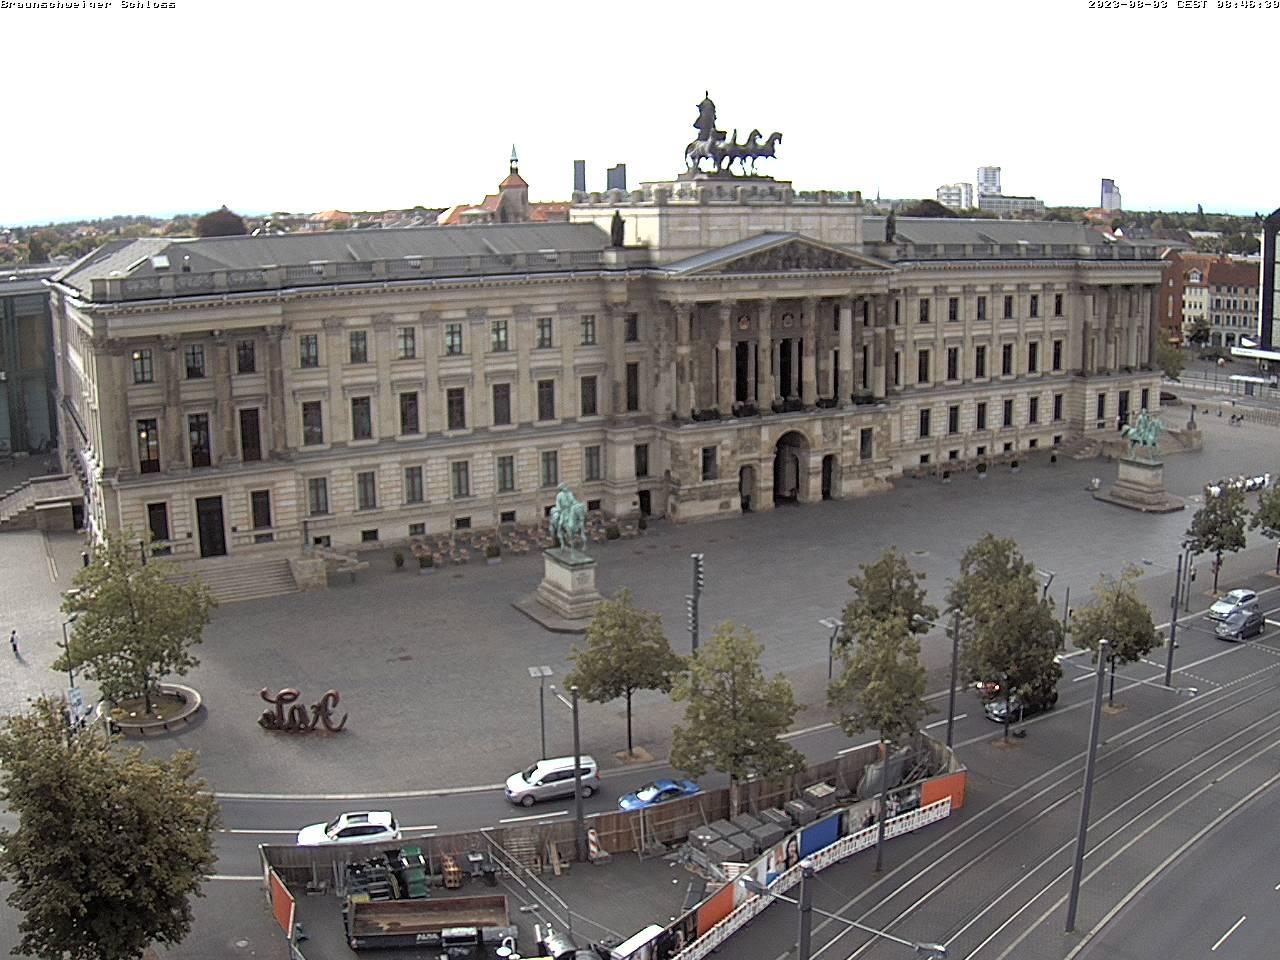 Braunschweig Mon. 08:47